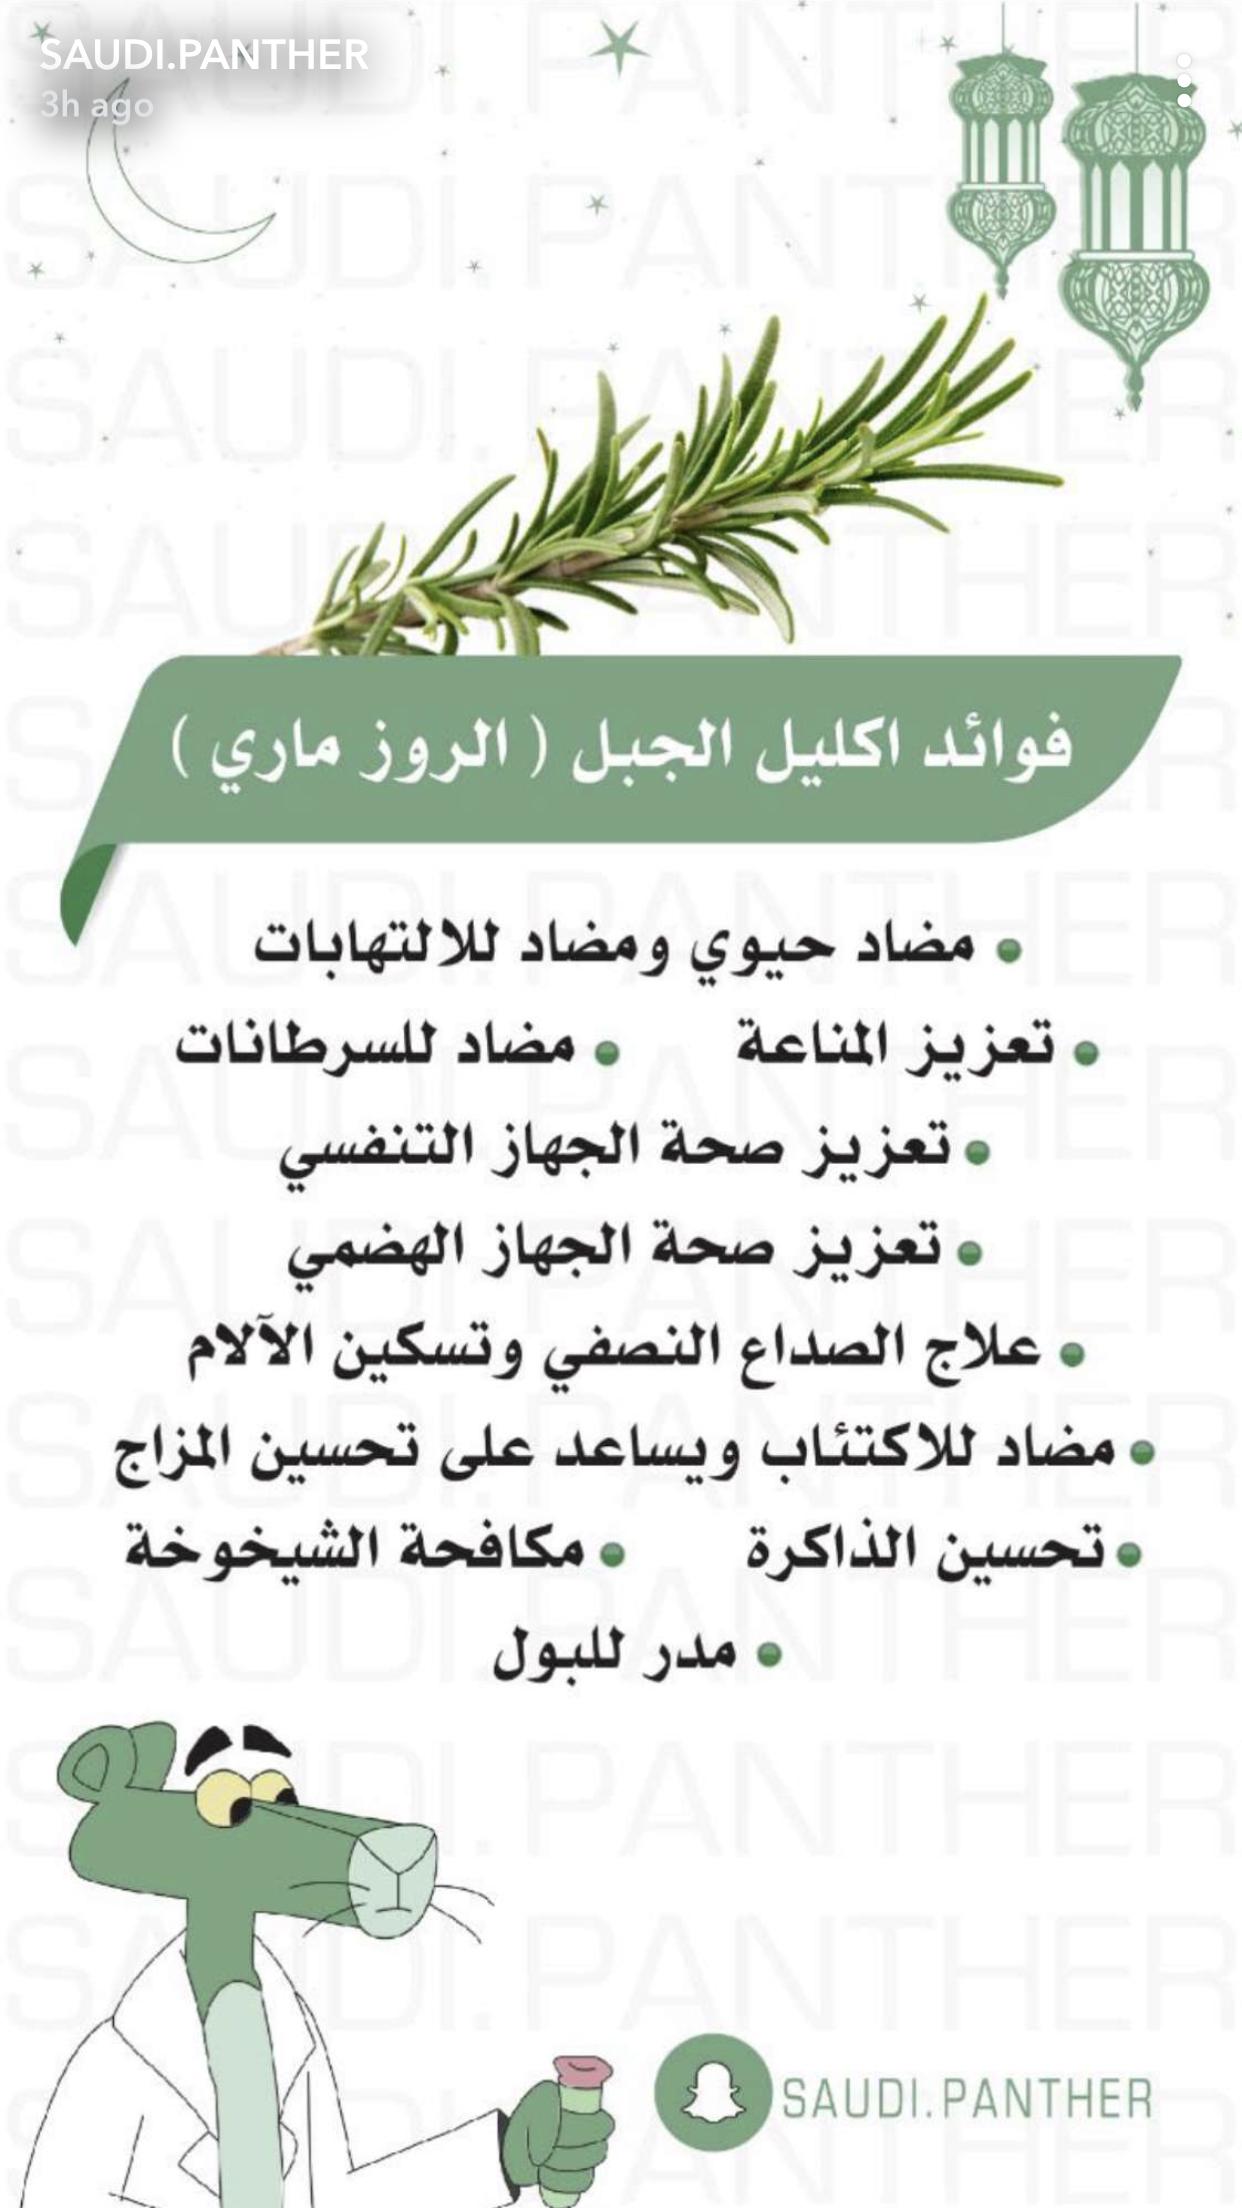 Pin By Lobna Salem On 1 A Atest Health Fitness Nutrition Health And Fitness Articles Health And Nutrition